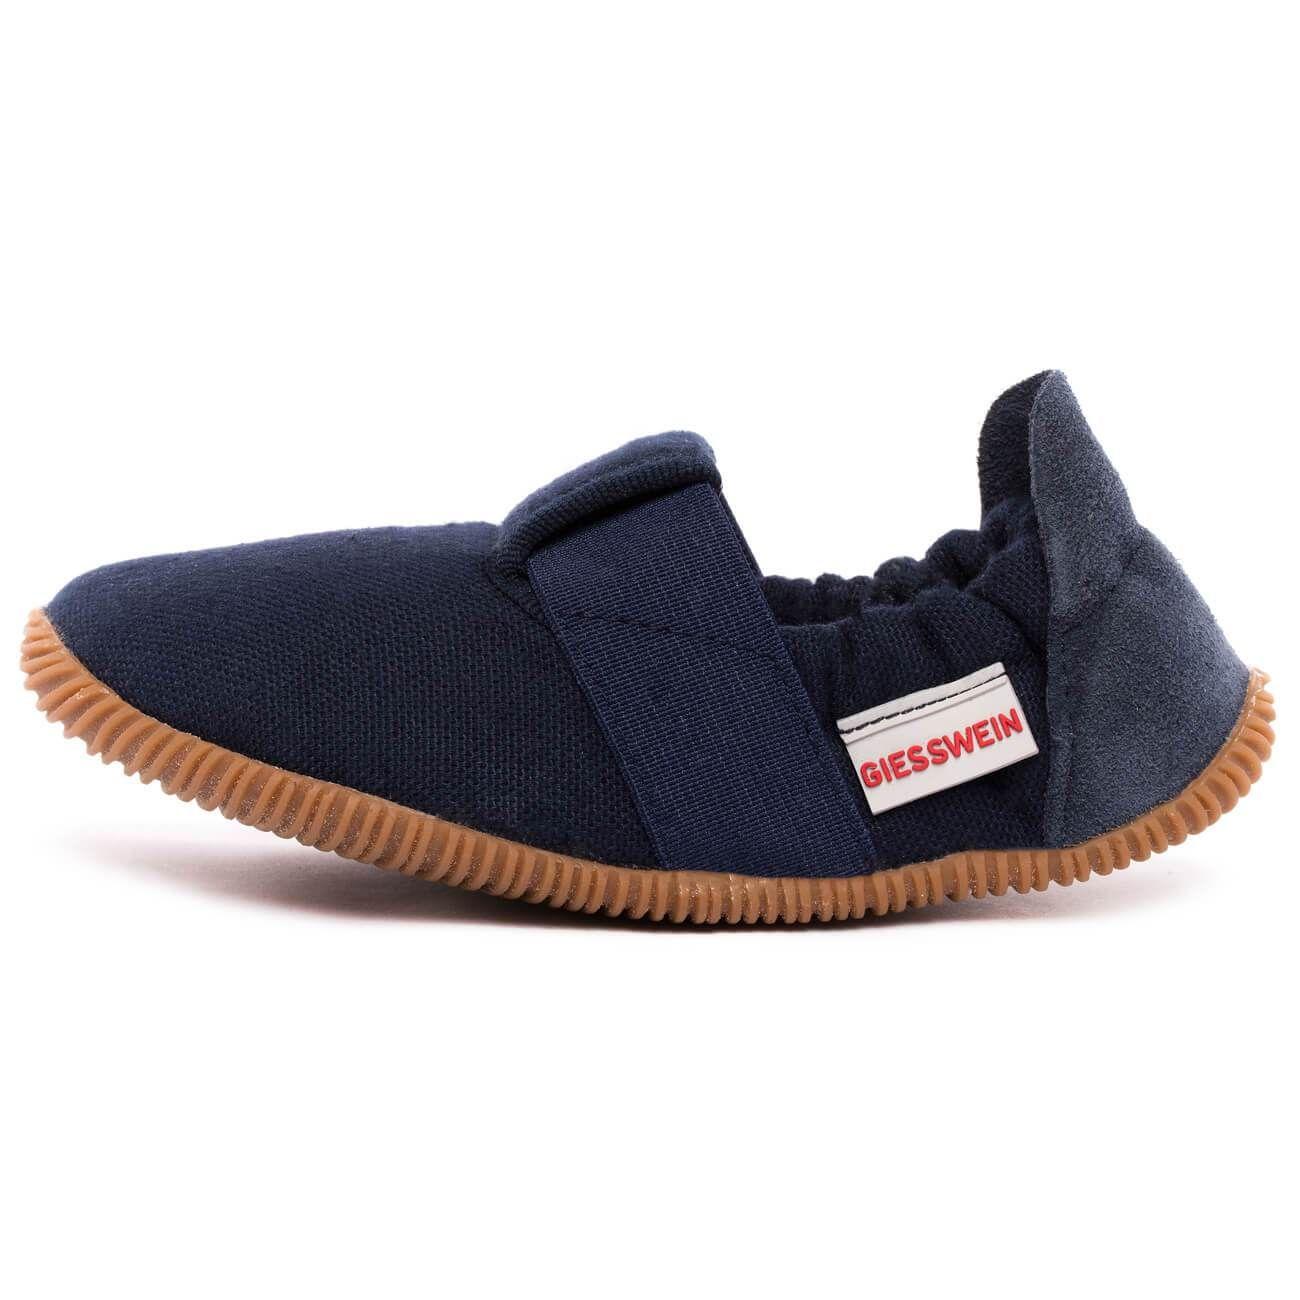 Giesswein Soll Slim Fit Dk Blau 548 Hausschuhe Hausschuhe Kinder Kinder Schuhe